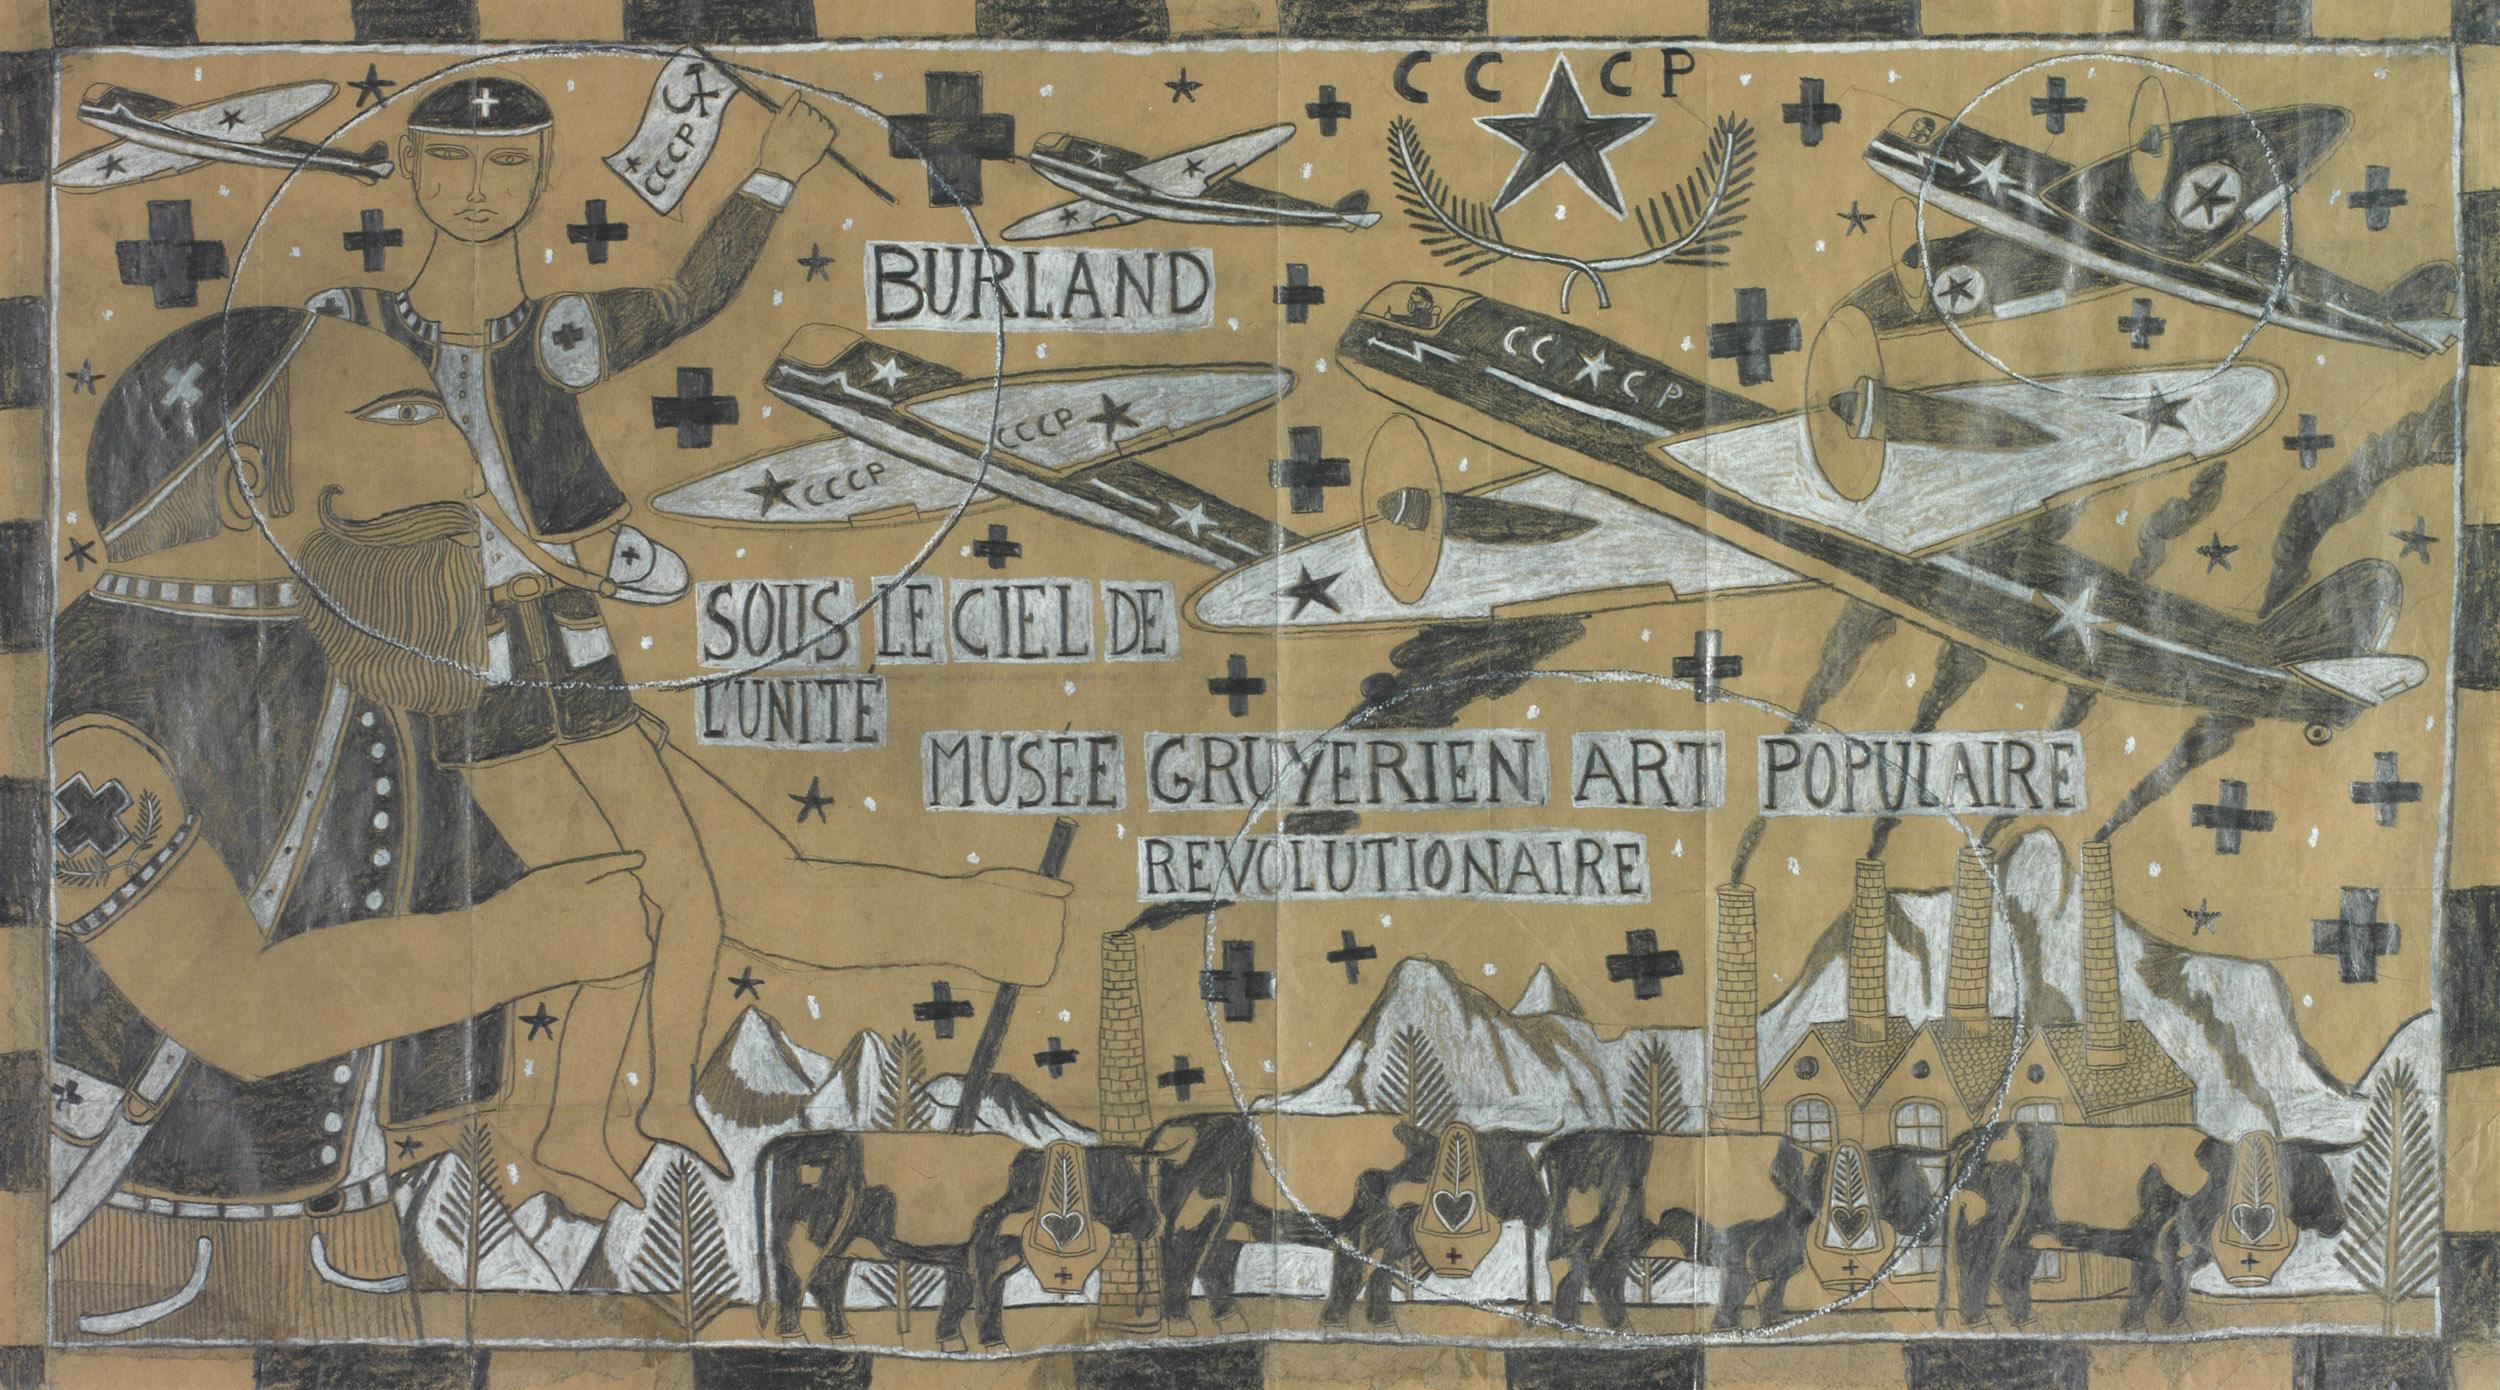 burland françois - Sous le ciel de l'unité